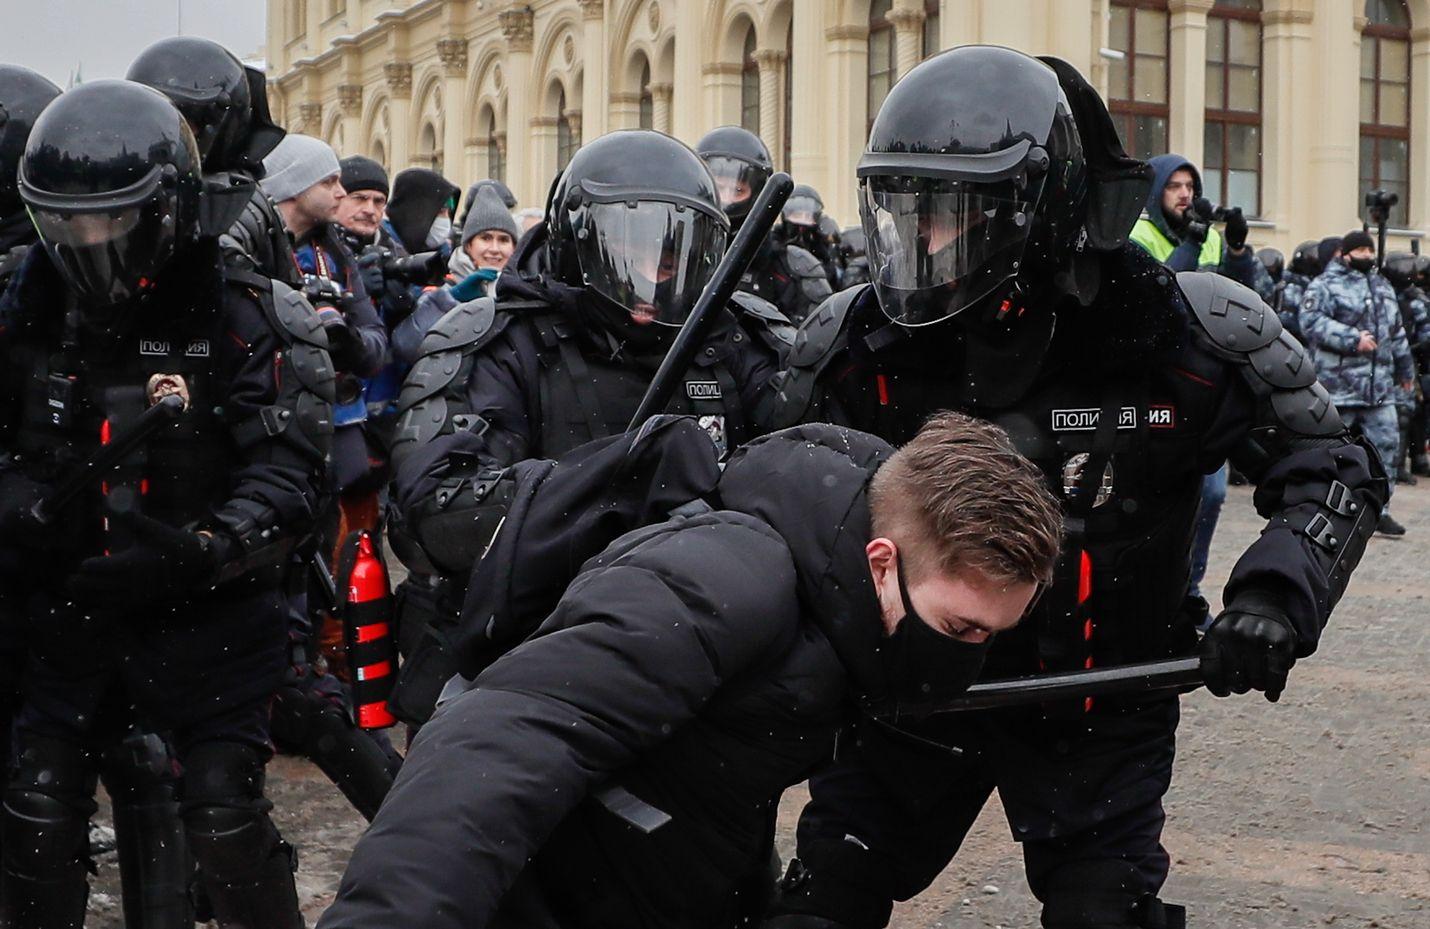 Poliisi pidätti mielenosoittajan Moskovassa sunnuntaina. Iltapäivällä pidätettyjä oli lähes yhtä paljon kuin viime viikonlopun protesteissa.